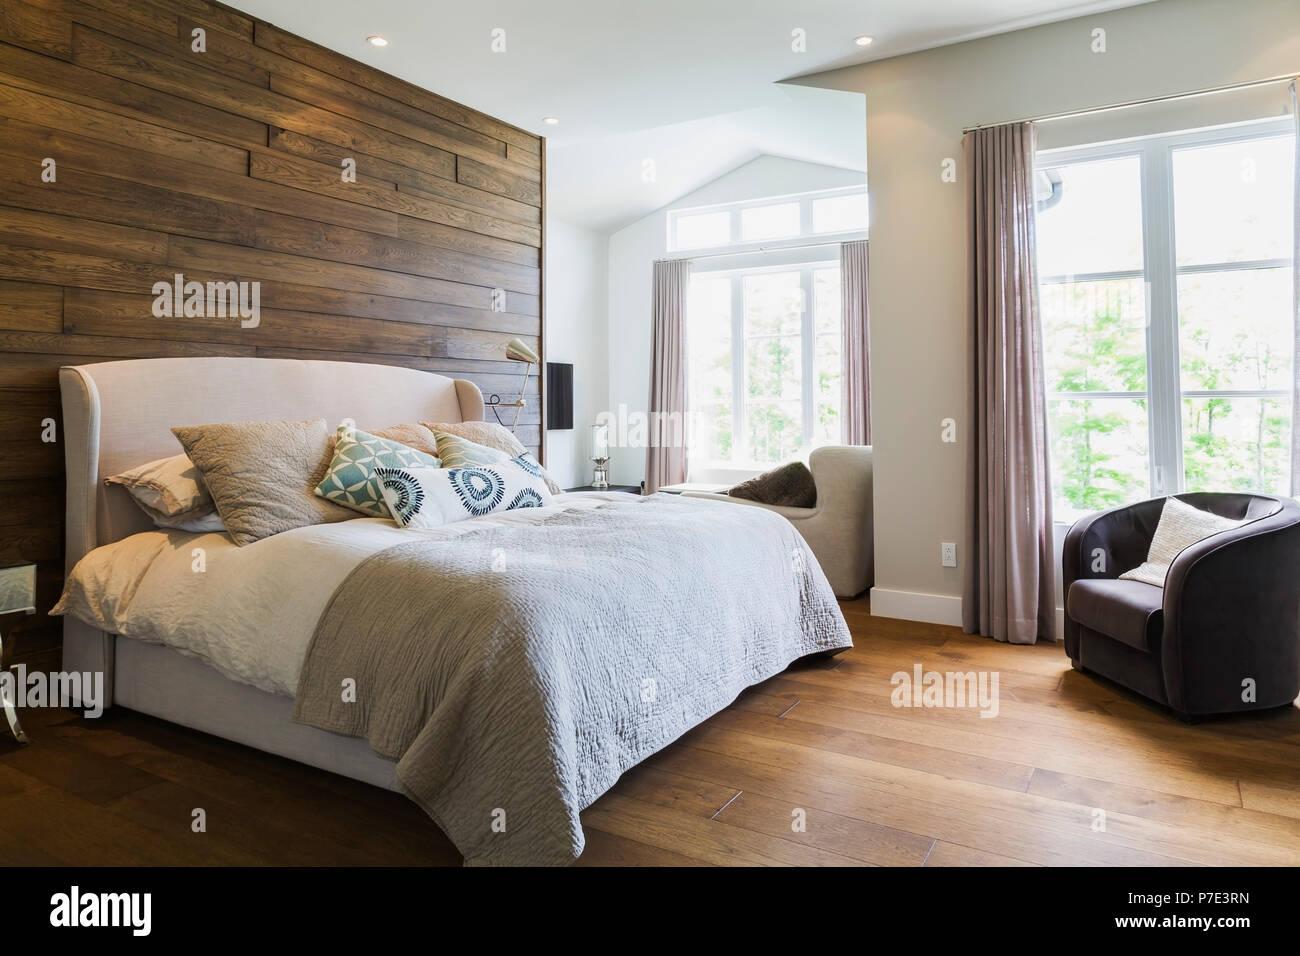 Lit King size dans la chambre avec parquets en bois d ...